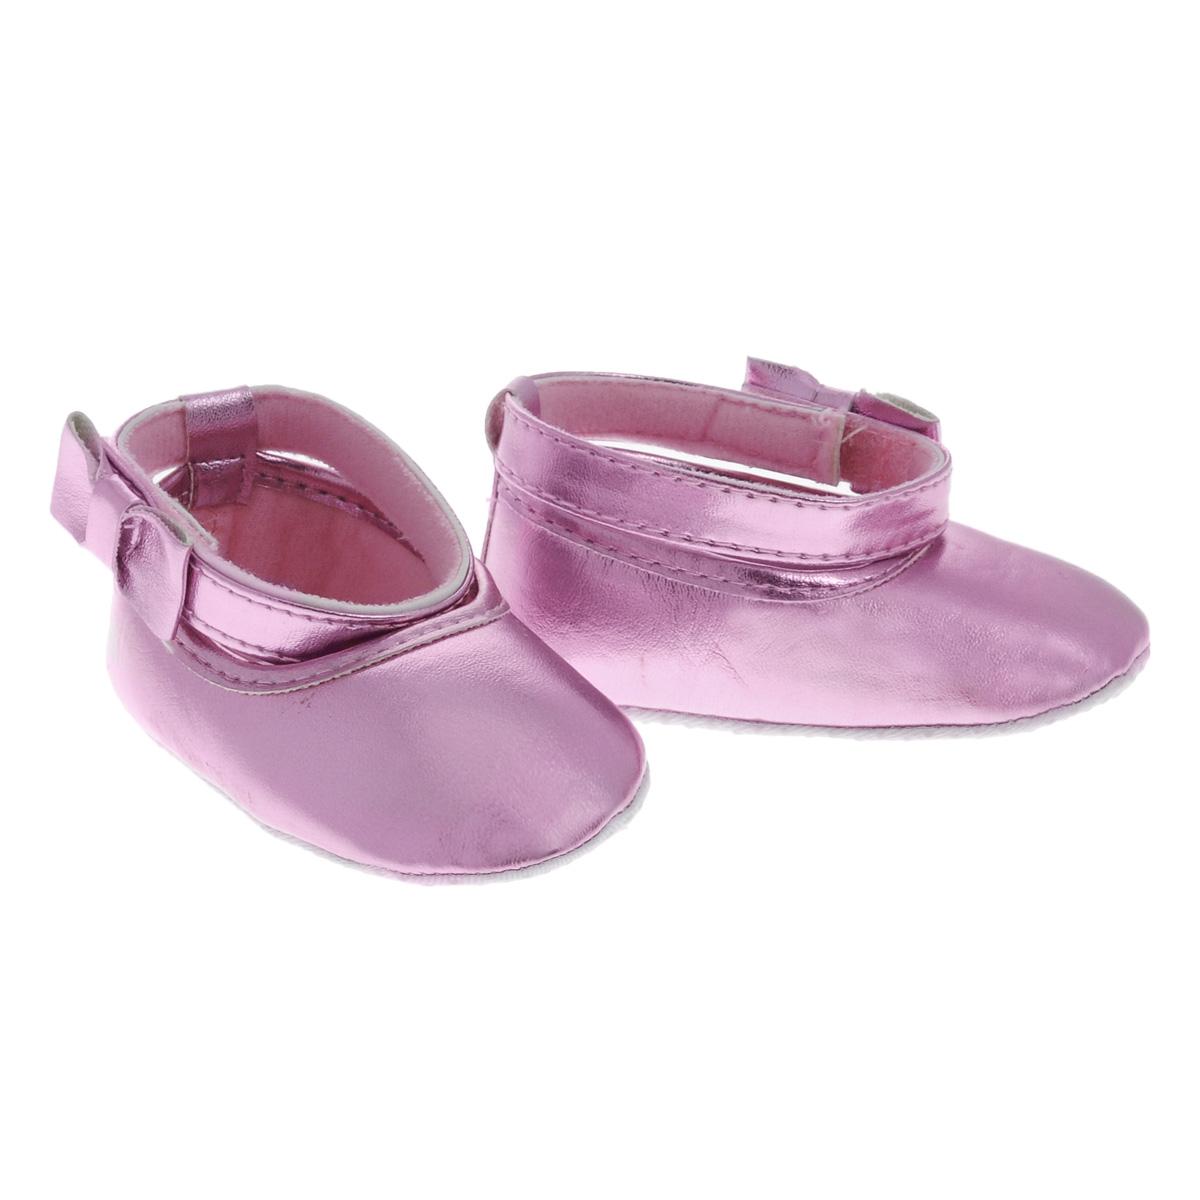 Пинетки для девочки Luvable Friends Балетки с бантиком, цвет: розовый. 11153. Размер 12/18мес11153Оригинальные детские пинетки для девочки Luvable Friends, стилизованные под Балетки - это легкая и удобная обувь для малышей. Удобная застежка на липучке сбоку, декорированная очаровательным бантиком и надежно фиксирующая пинетки на ножке малышки, мягкие, не сдавливающие ножку материалы делают модель практичной и популярной. Стопа оформлена прорезиненным рельефным рисунком, благодаря которому ребенок не будет скользить.Такие пинетки - отличное решение для малышей и их родителей!